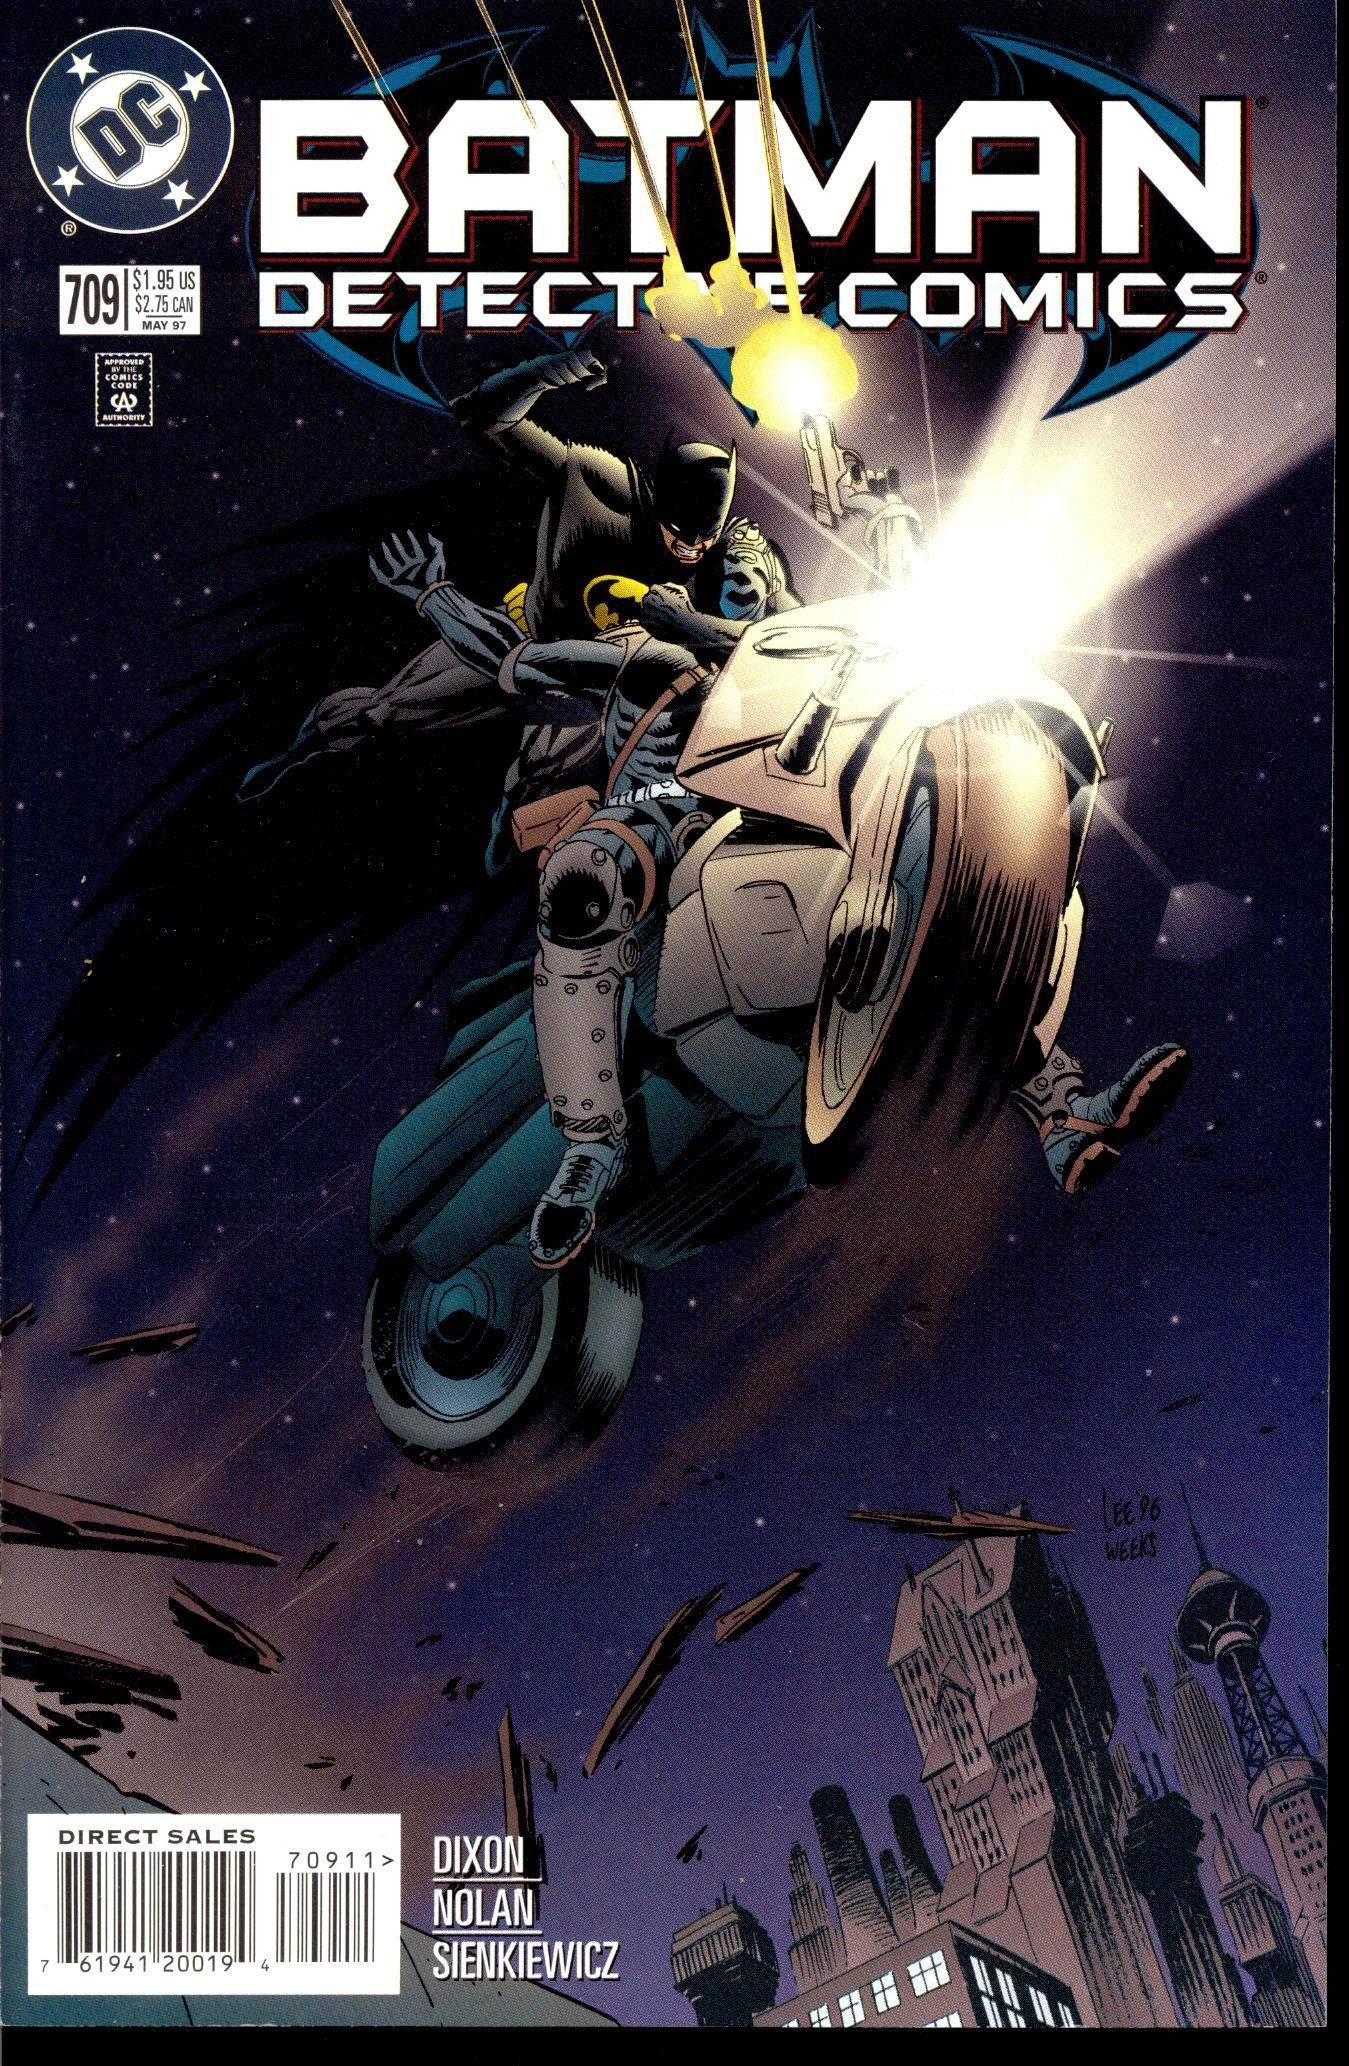 For Tyco - Detective Comics 709 cbr